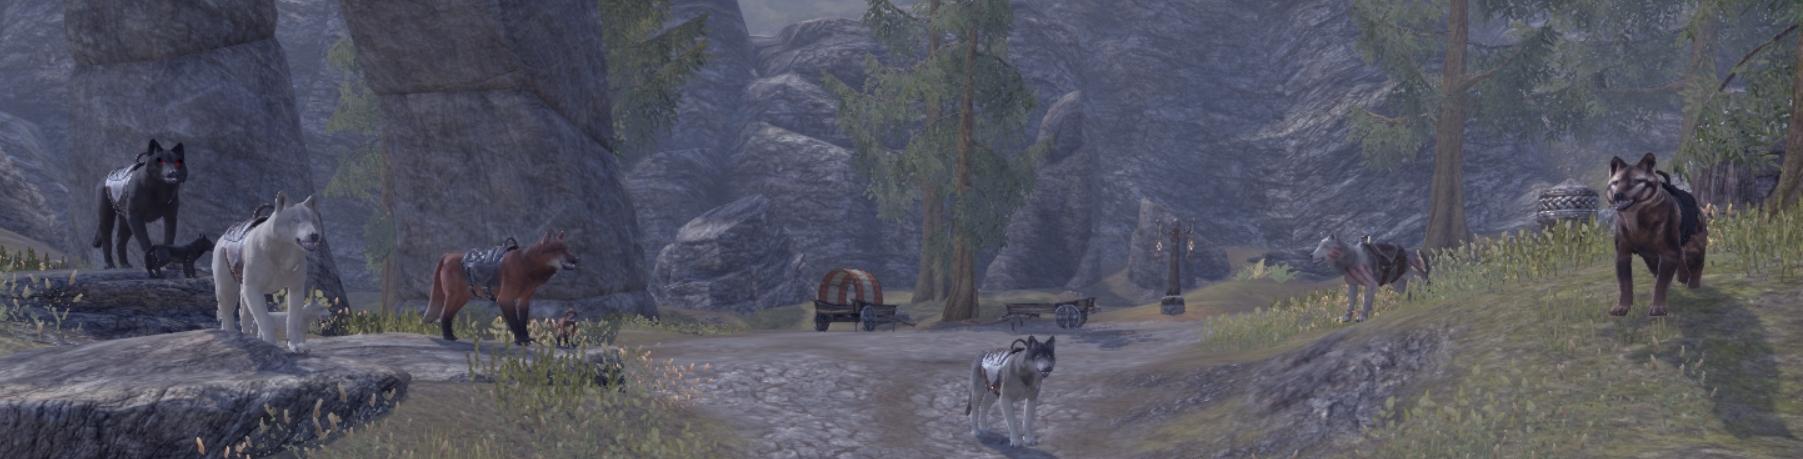 clan wolf 4.jpg